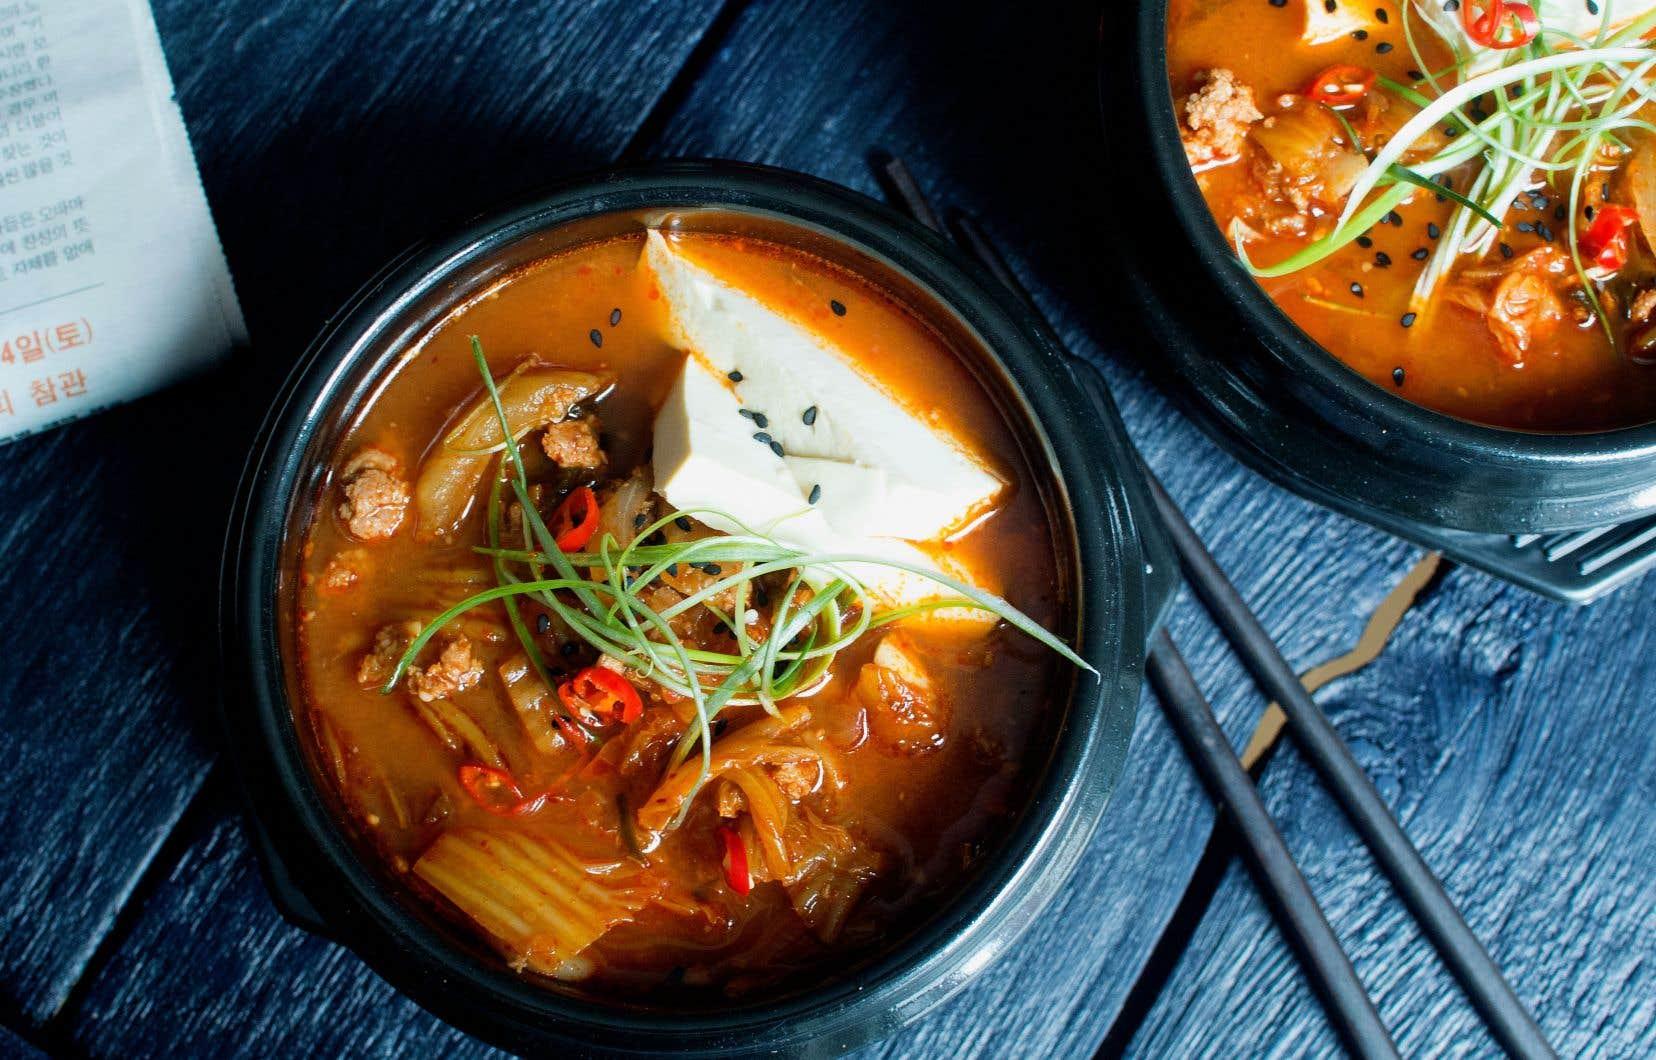 Servir chaud en déposant le tofu et les oignons verts sur le dessus, le tout accompagné de riz blanc.